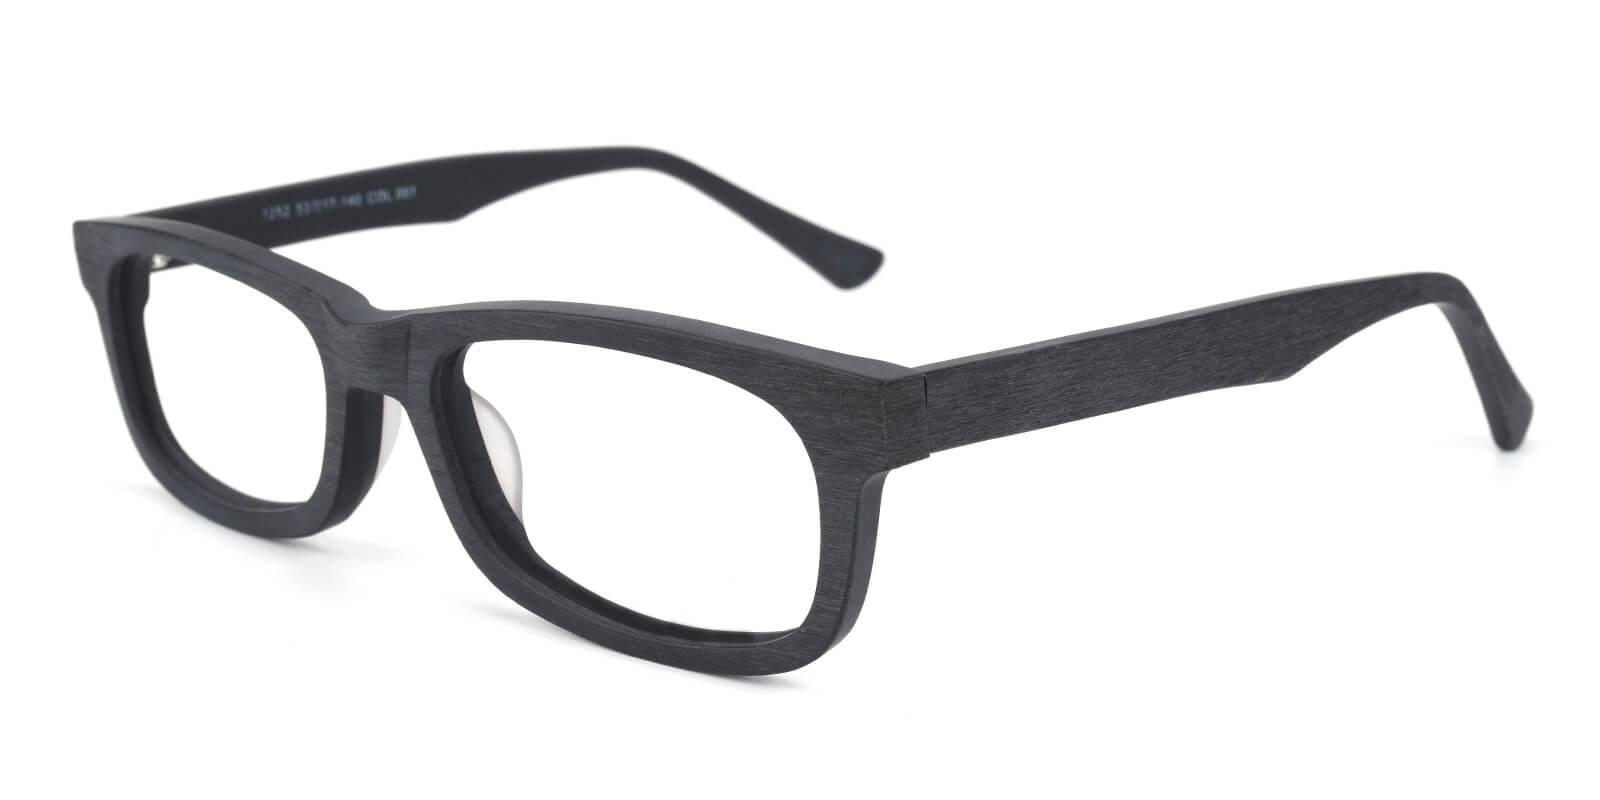 Natasha-Black-Rectangle-Acetate-Eyeglasses-additional1